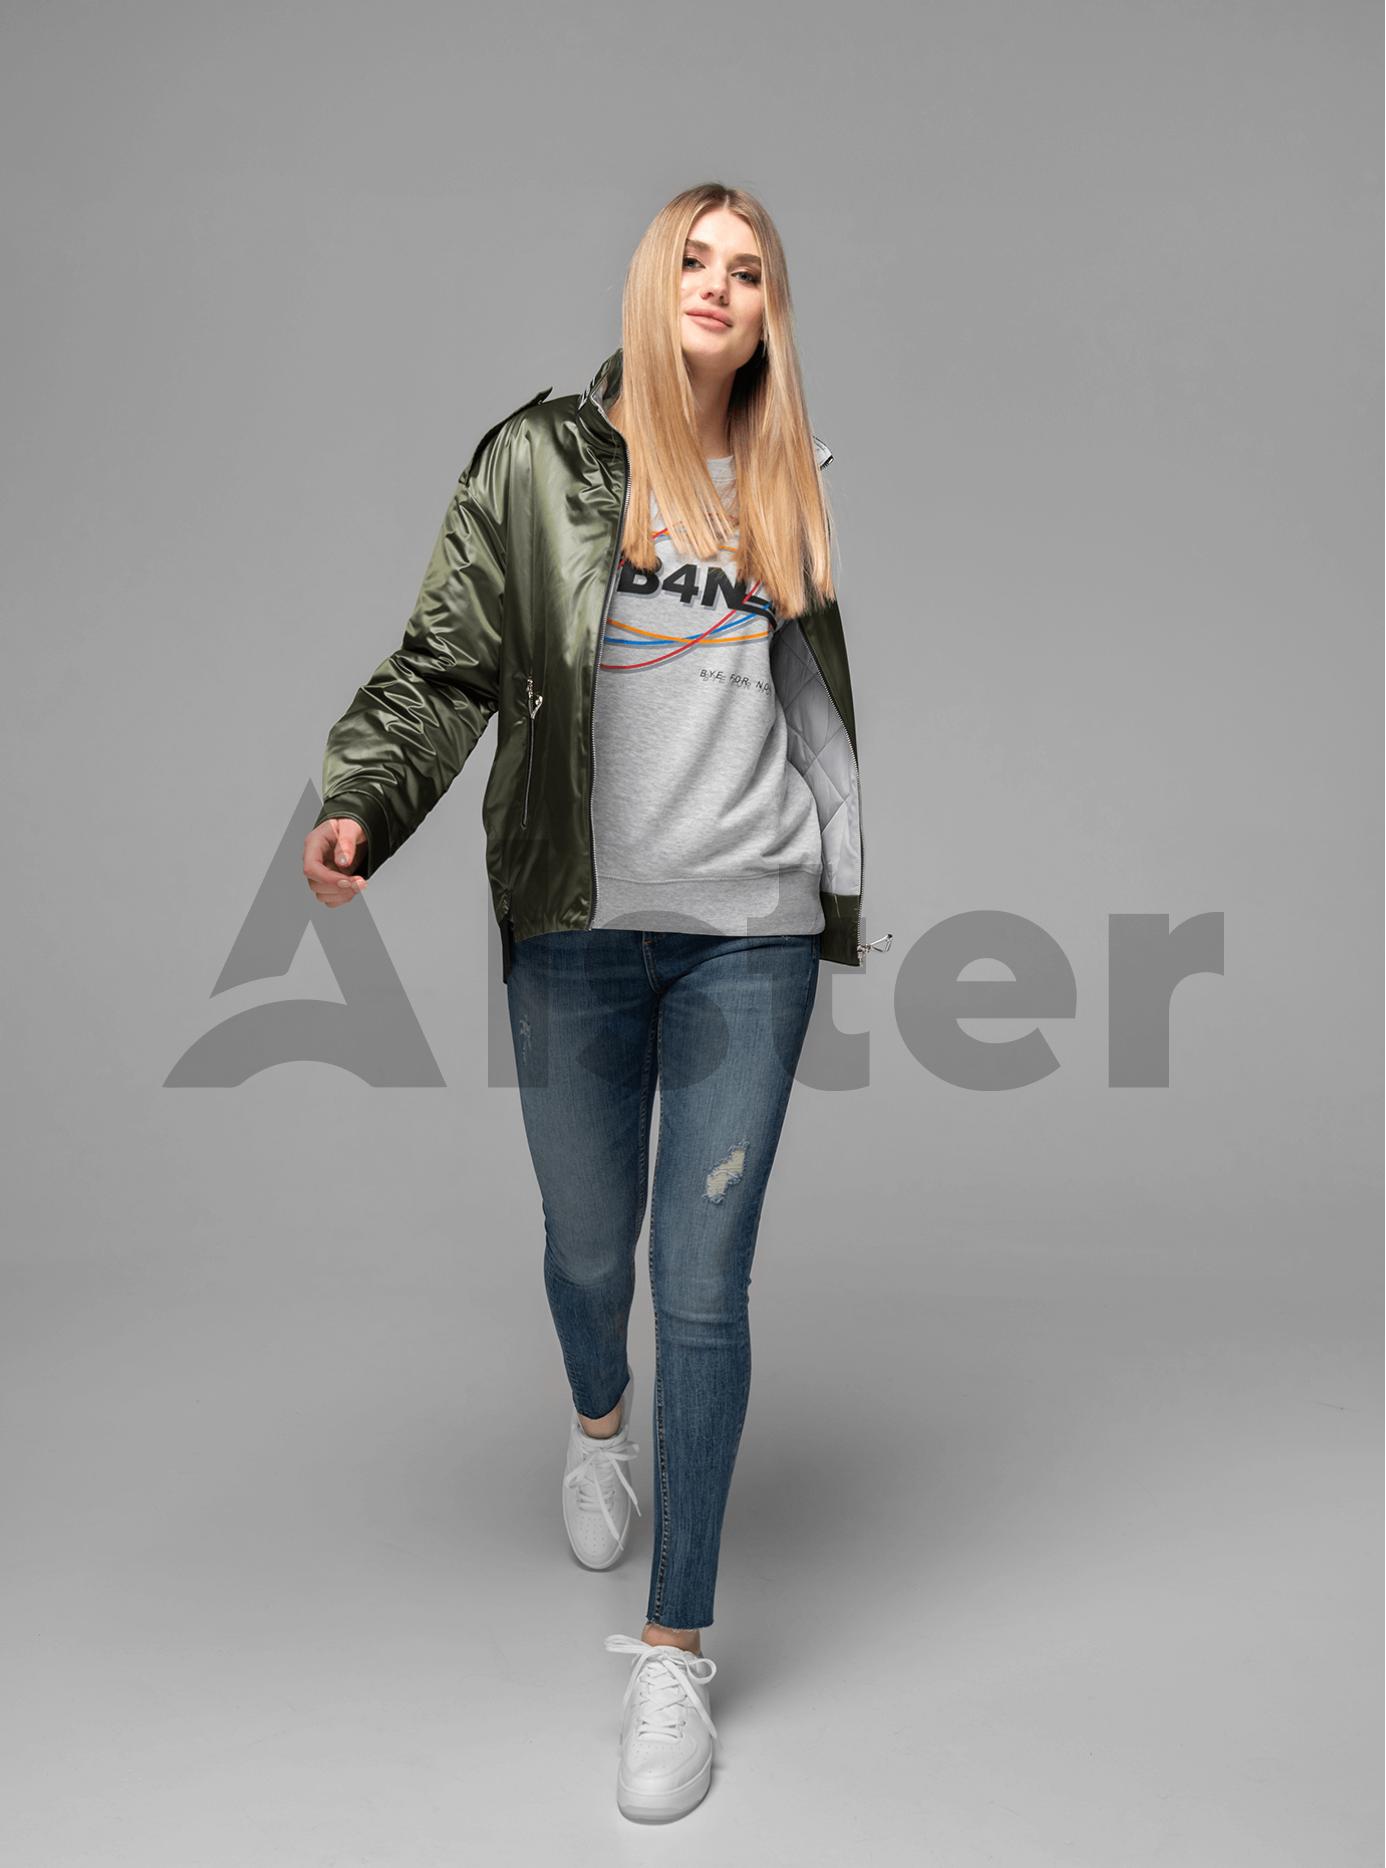 Куртка женская короткая прямая Хаки S (02-V191018): фото - Alster.ua